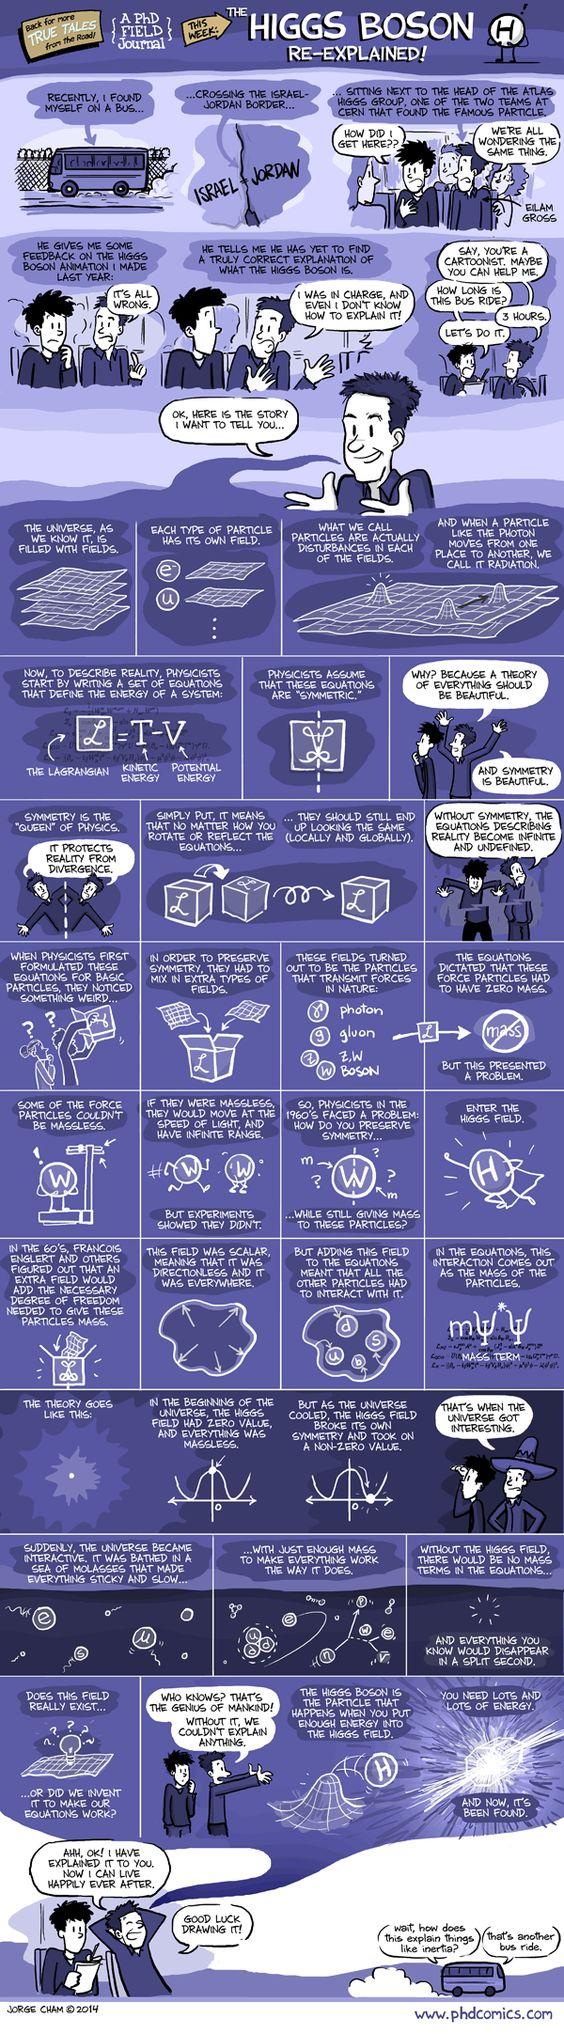 higgs-boson-comics